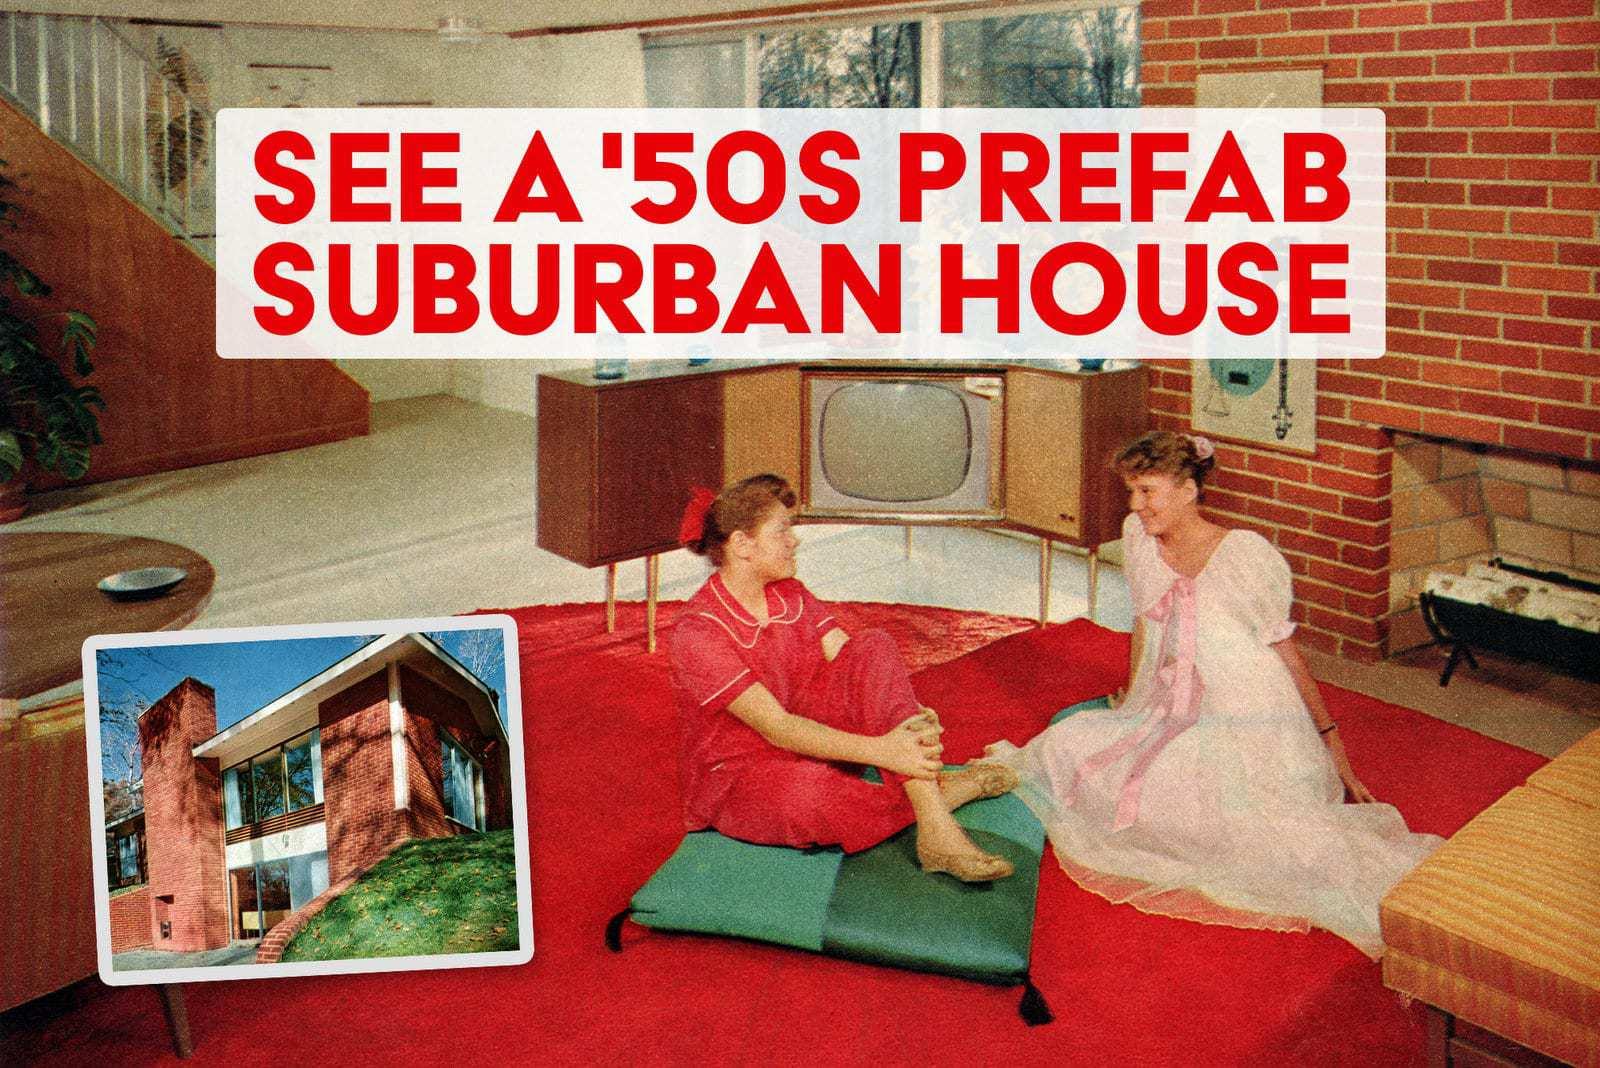 See a vintage 1950s prefab suburban house